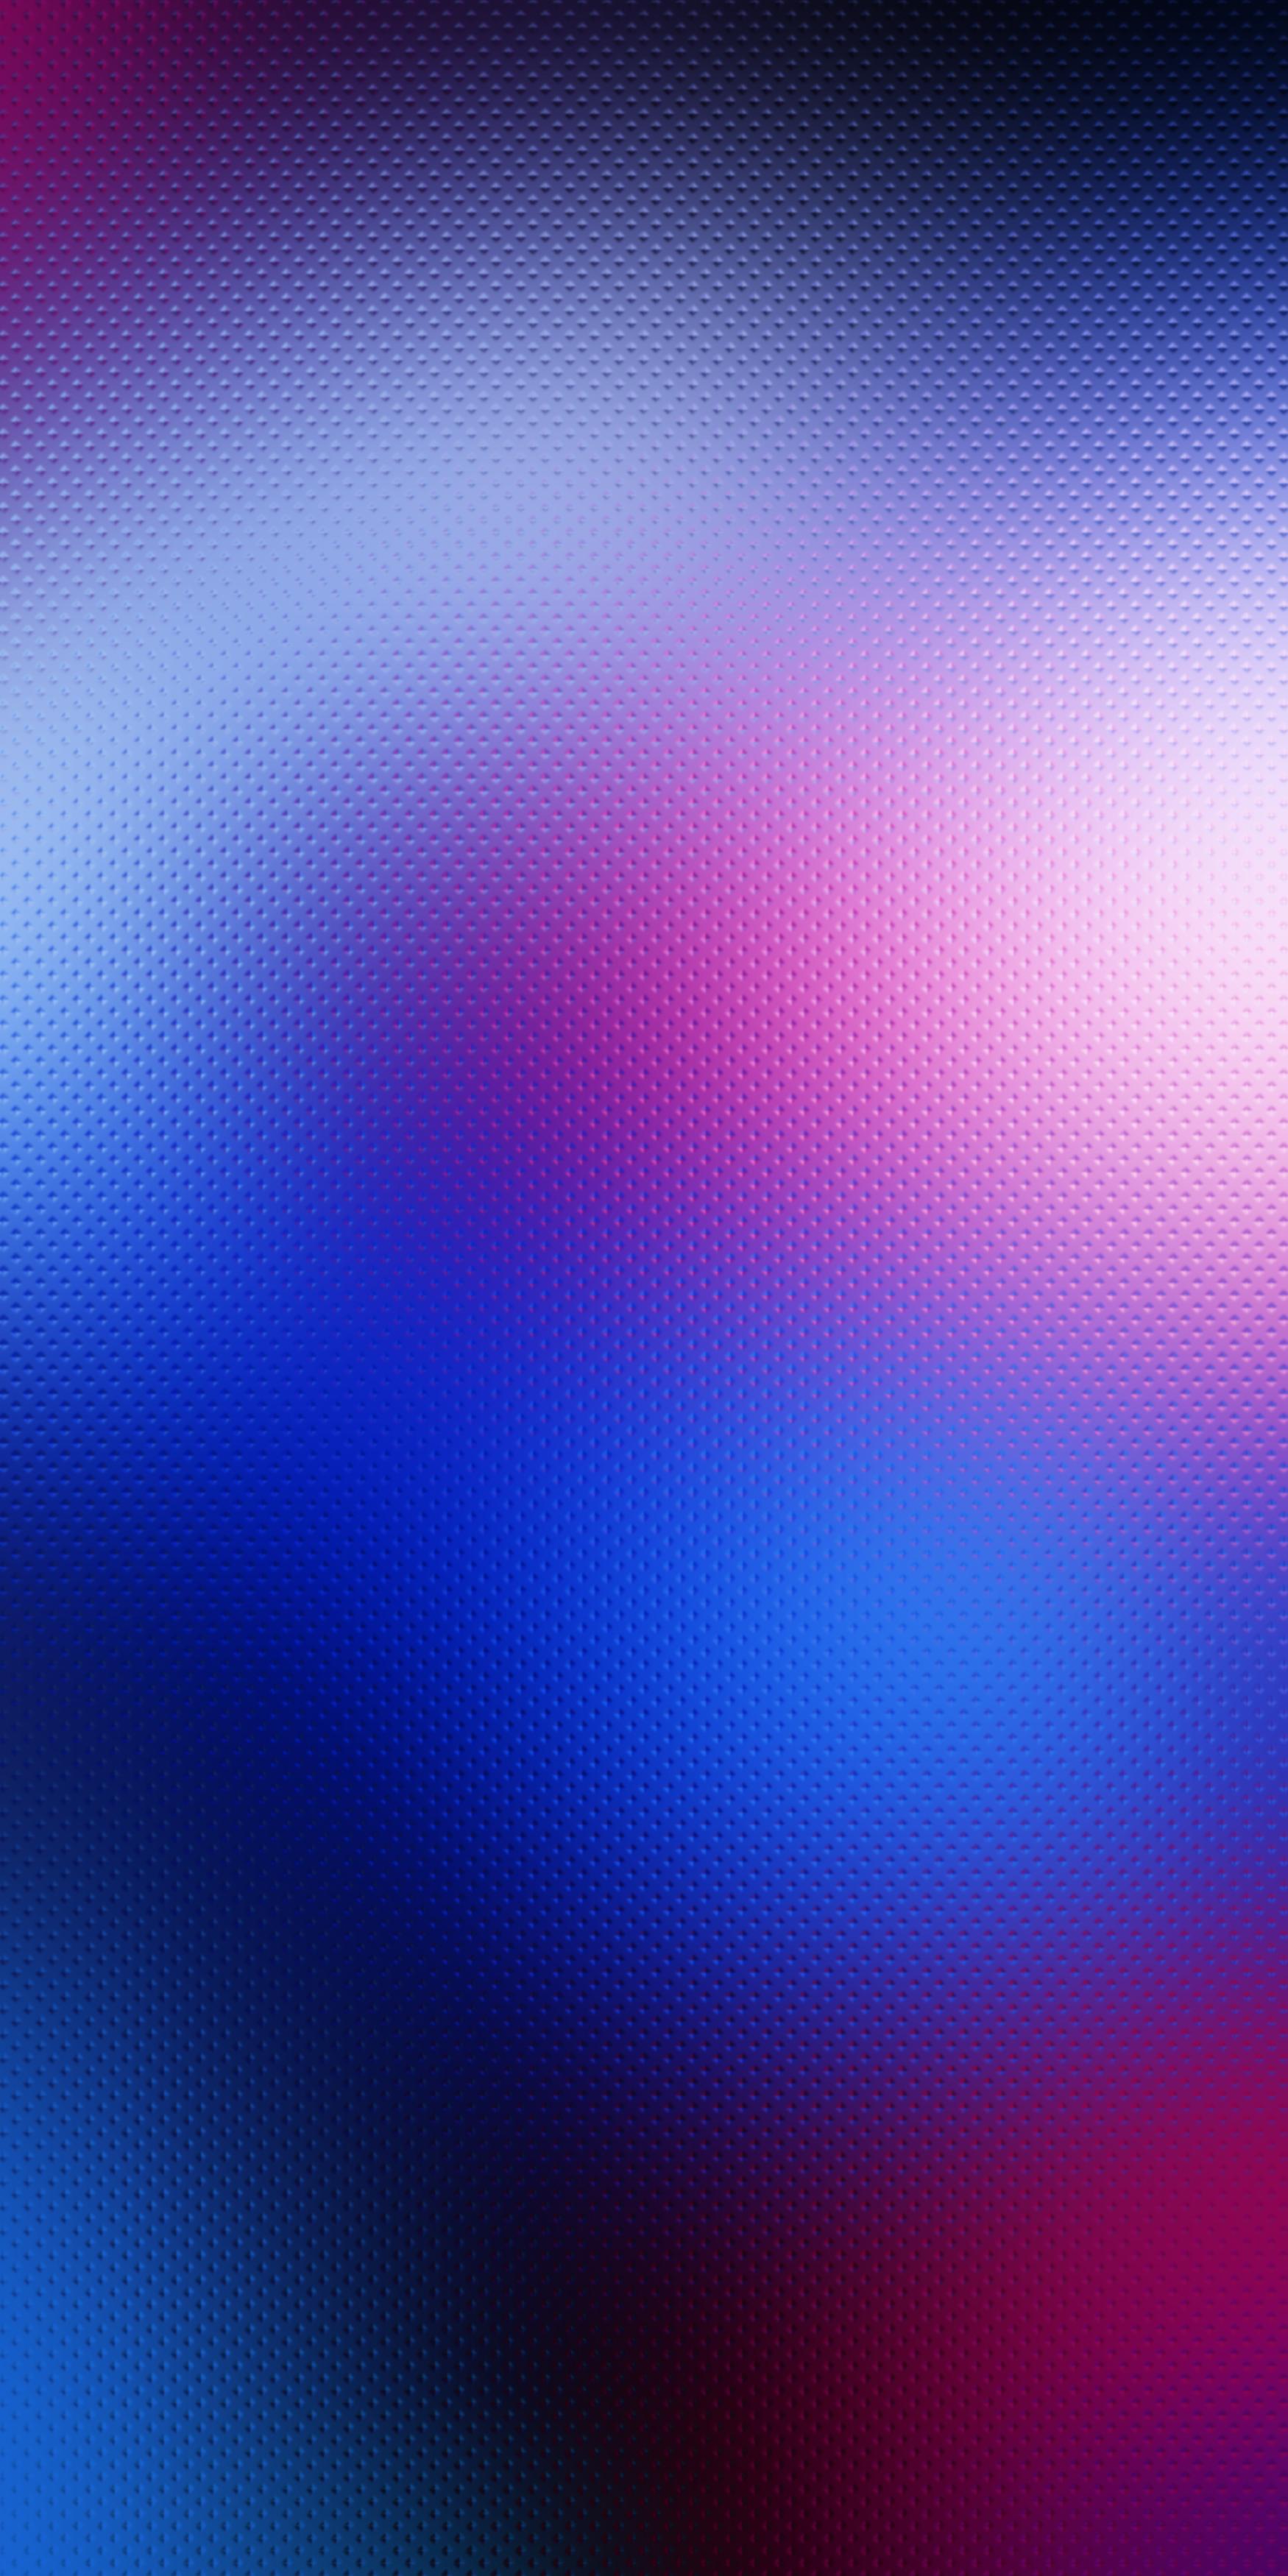 Best of WallPaper 4K adlı kullanıcının wallpaper for